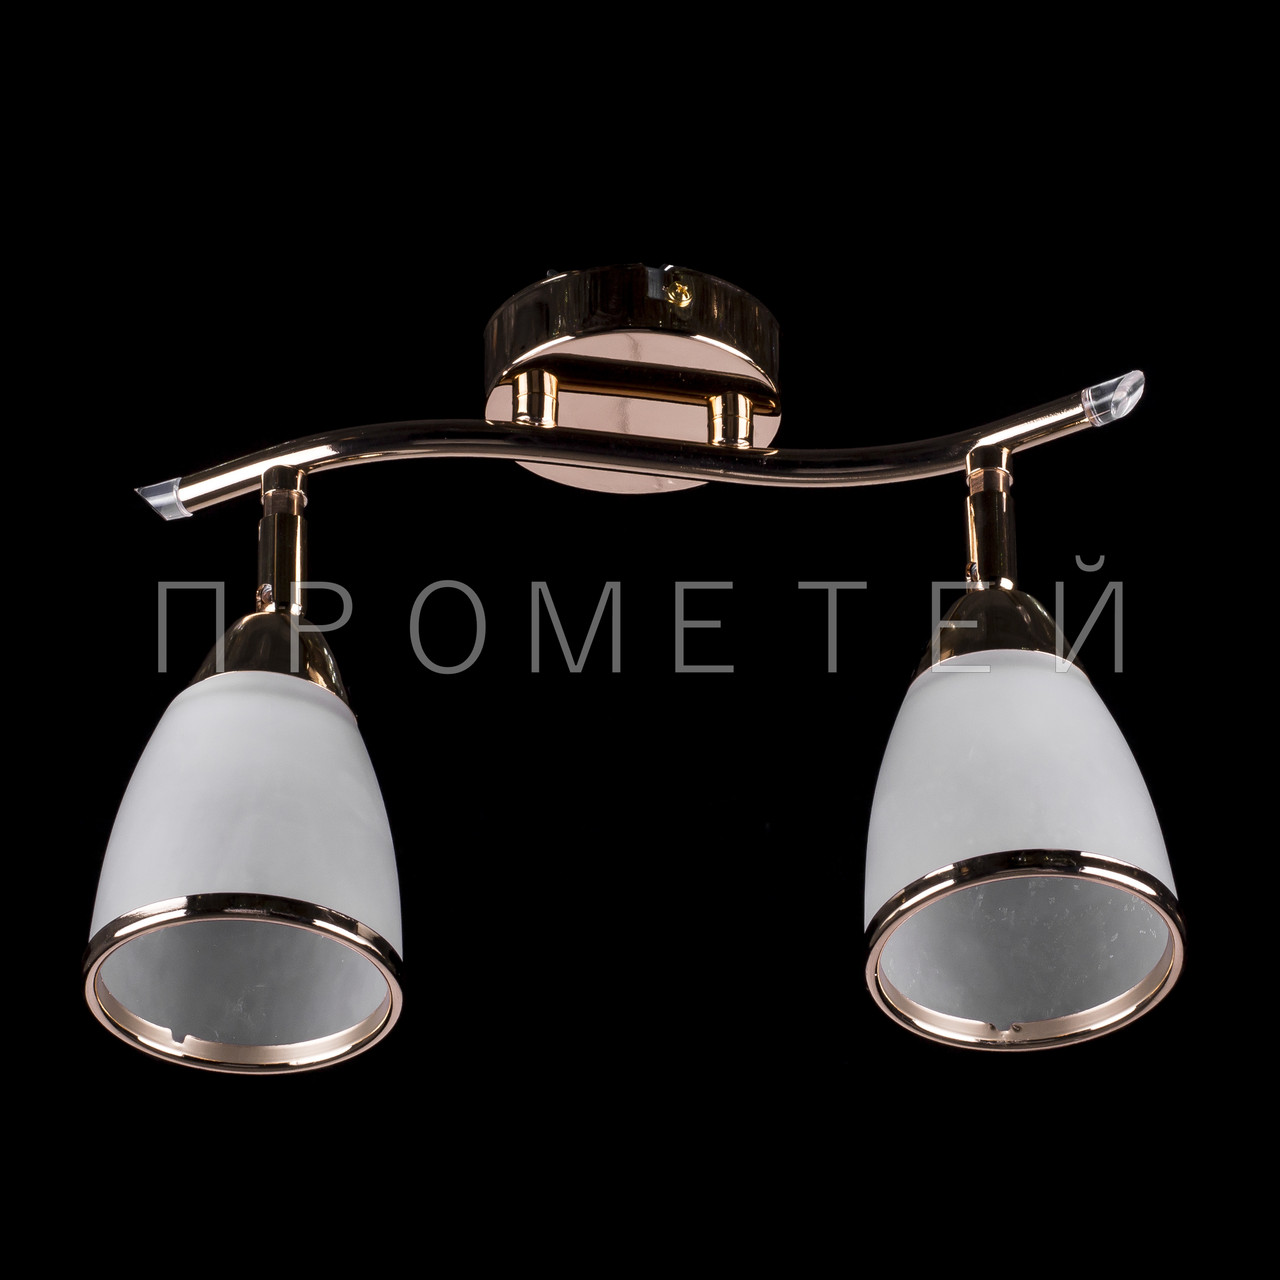 Припотолочная люстра спот (направляемая) на две лампочки (золото)  P3-76920/2C/FG+WT